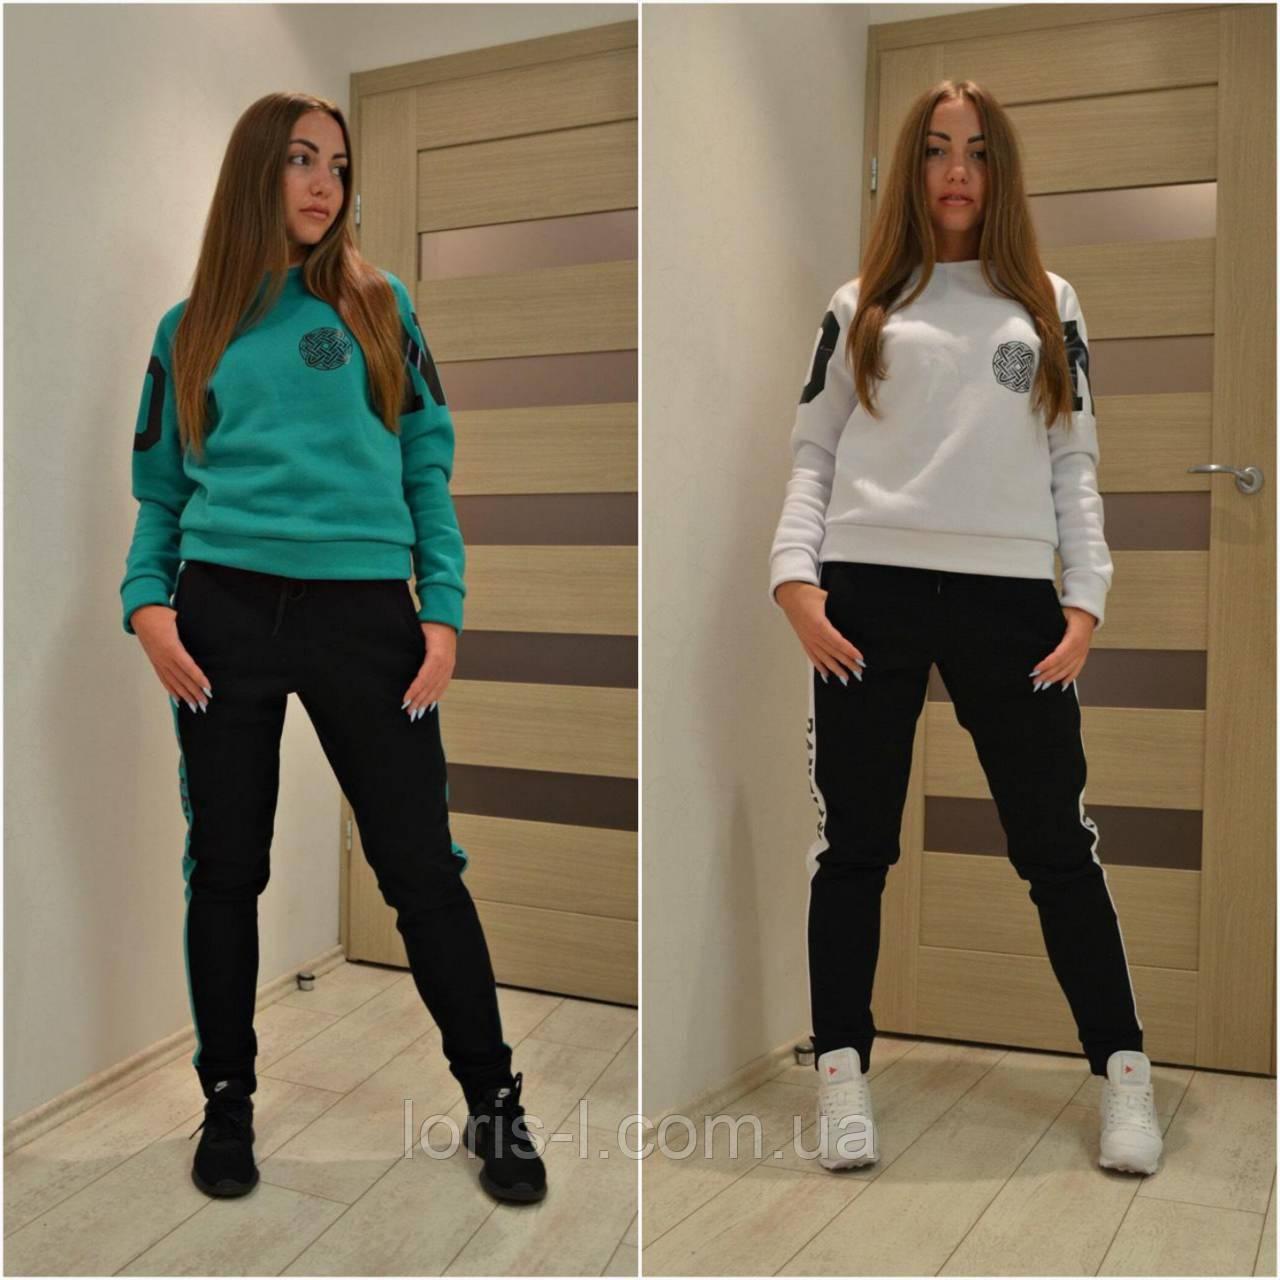 531525821f93 Женские спортивные костюмы - Интернет-магазин одежды для Всей семьи